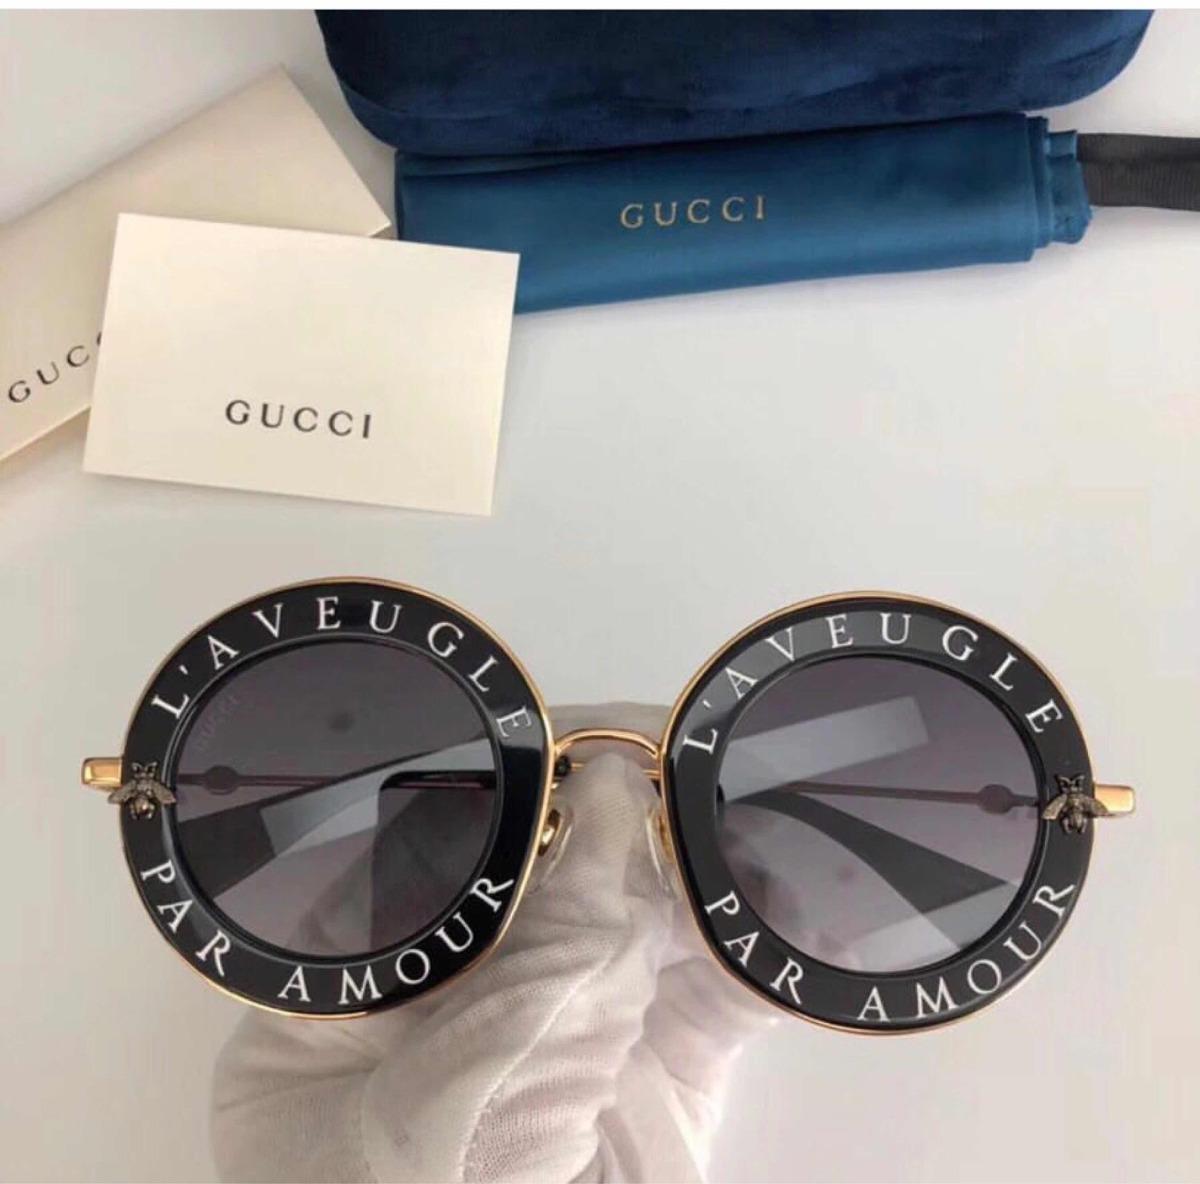 5c4344d101bea Óculos Gucci L Aveugle Preto Novo Original - R  890,00 em Mercado Livre